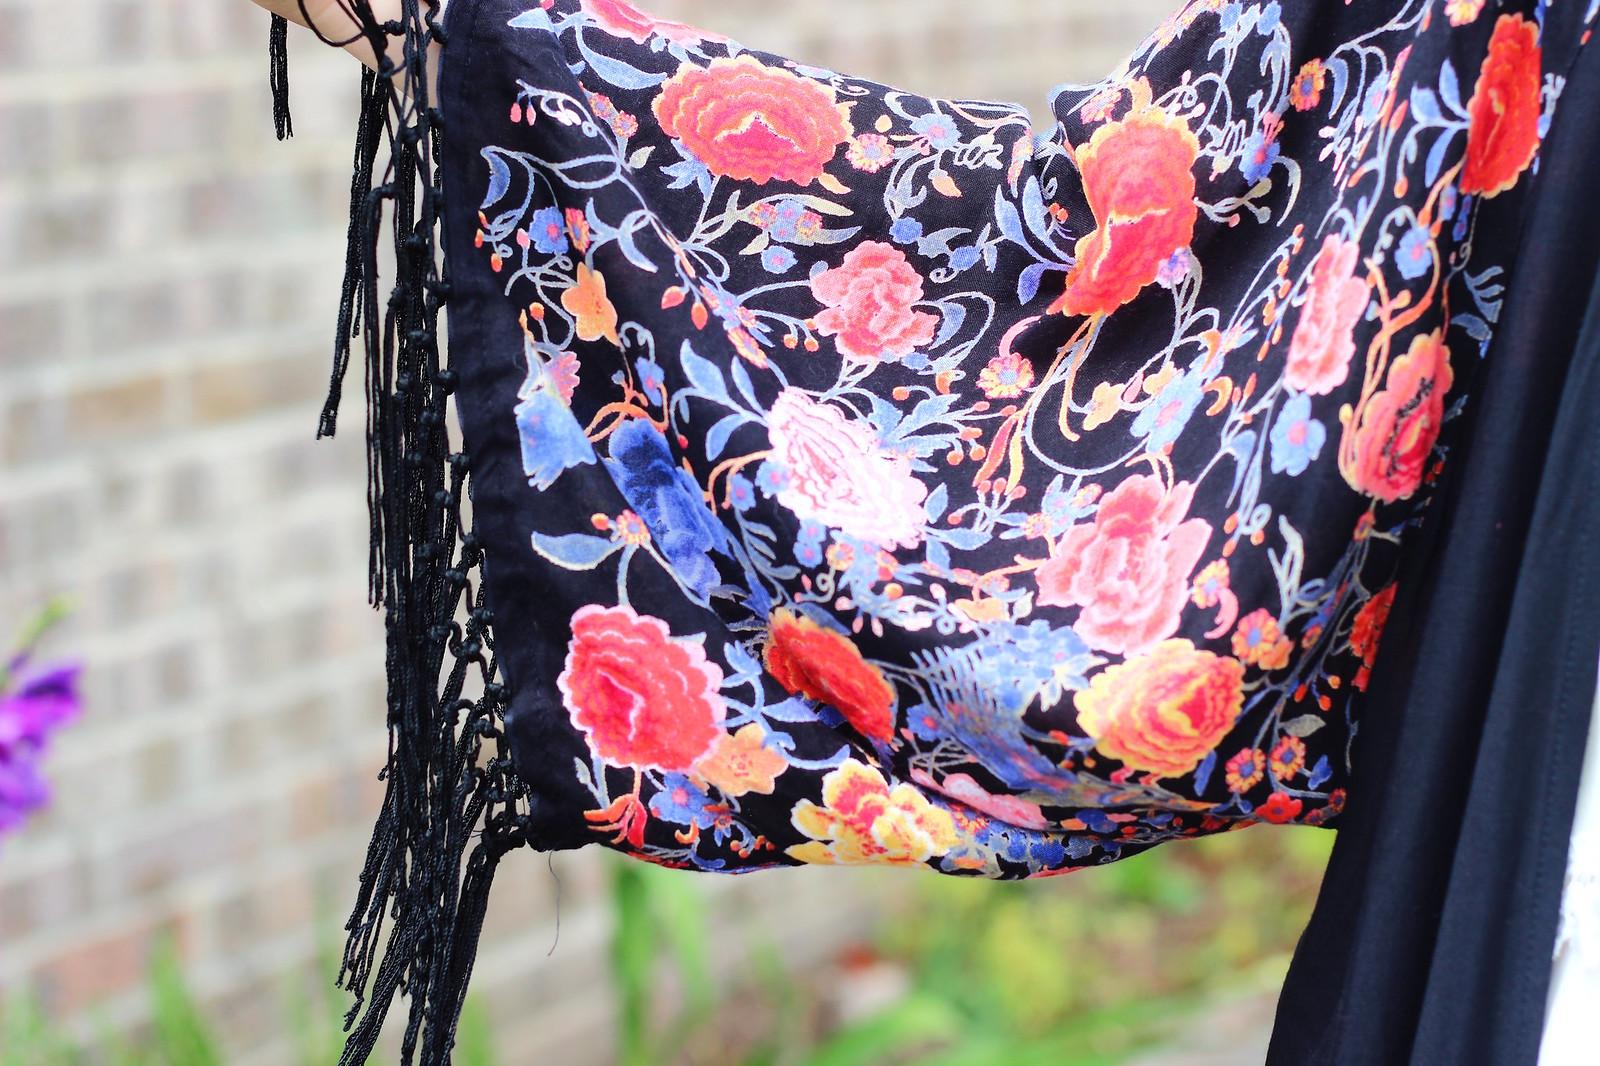 6primarkkimono, festival fashion, kimono, floral